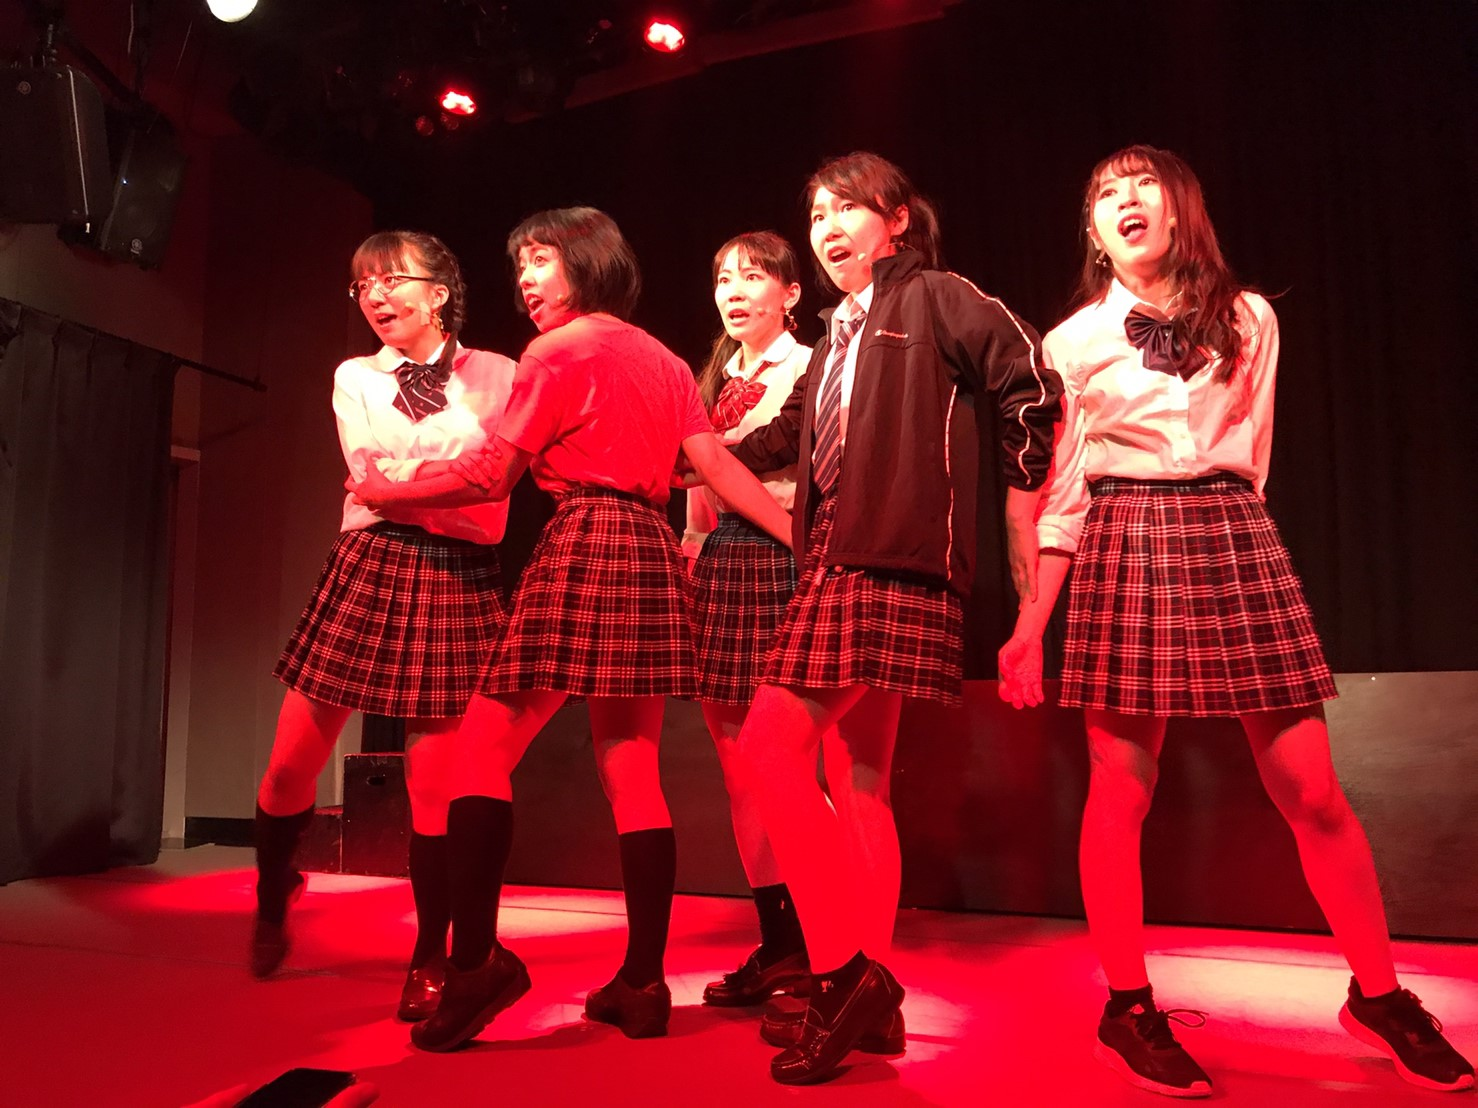 エムピンクのメンバーが、演技をしている写真